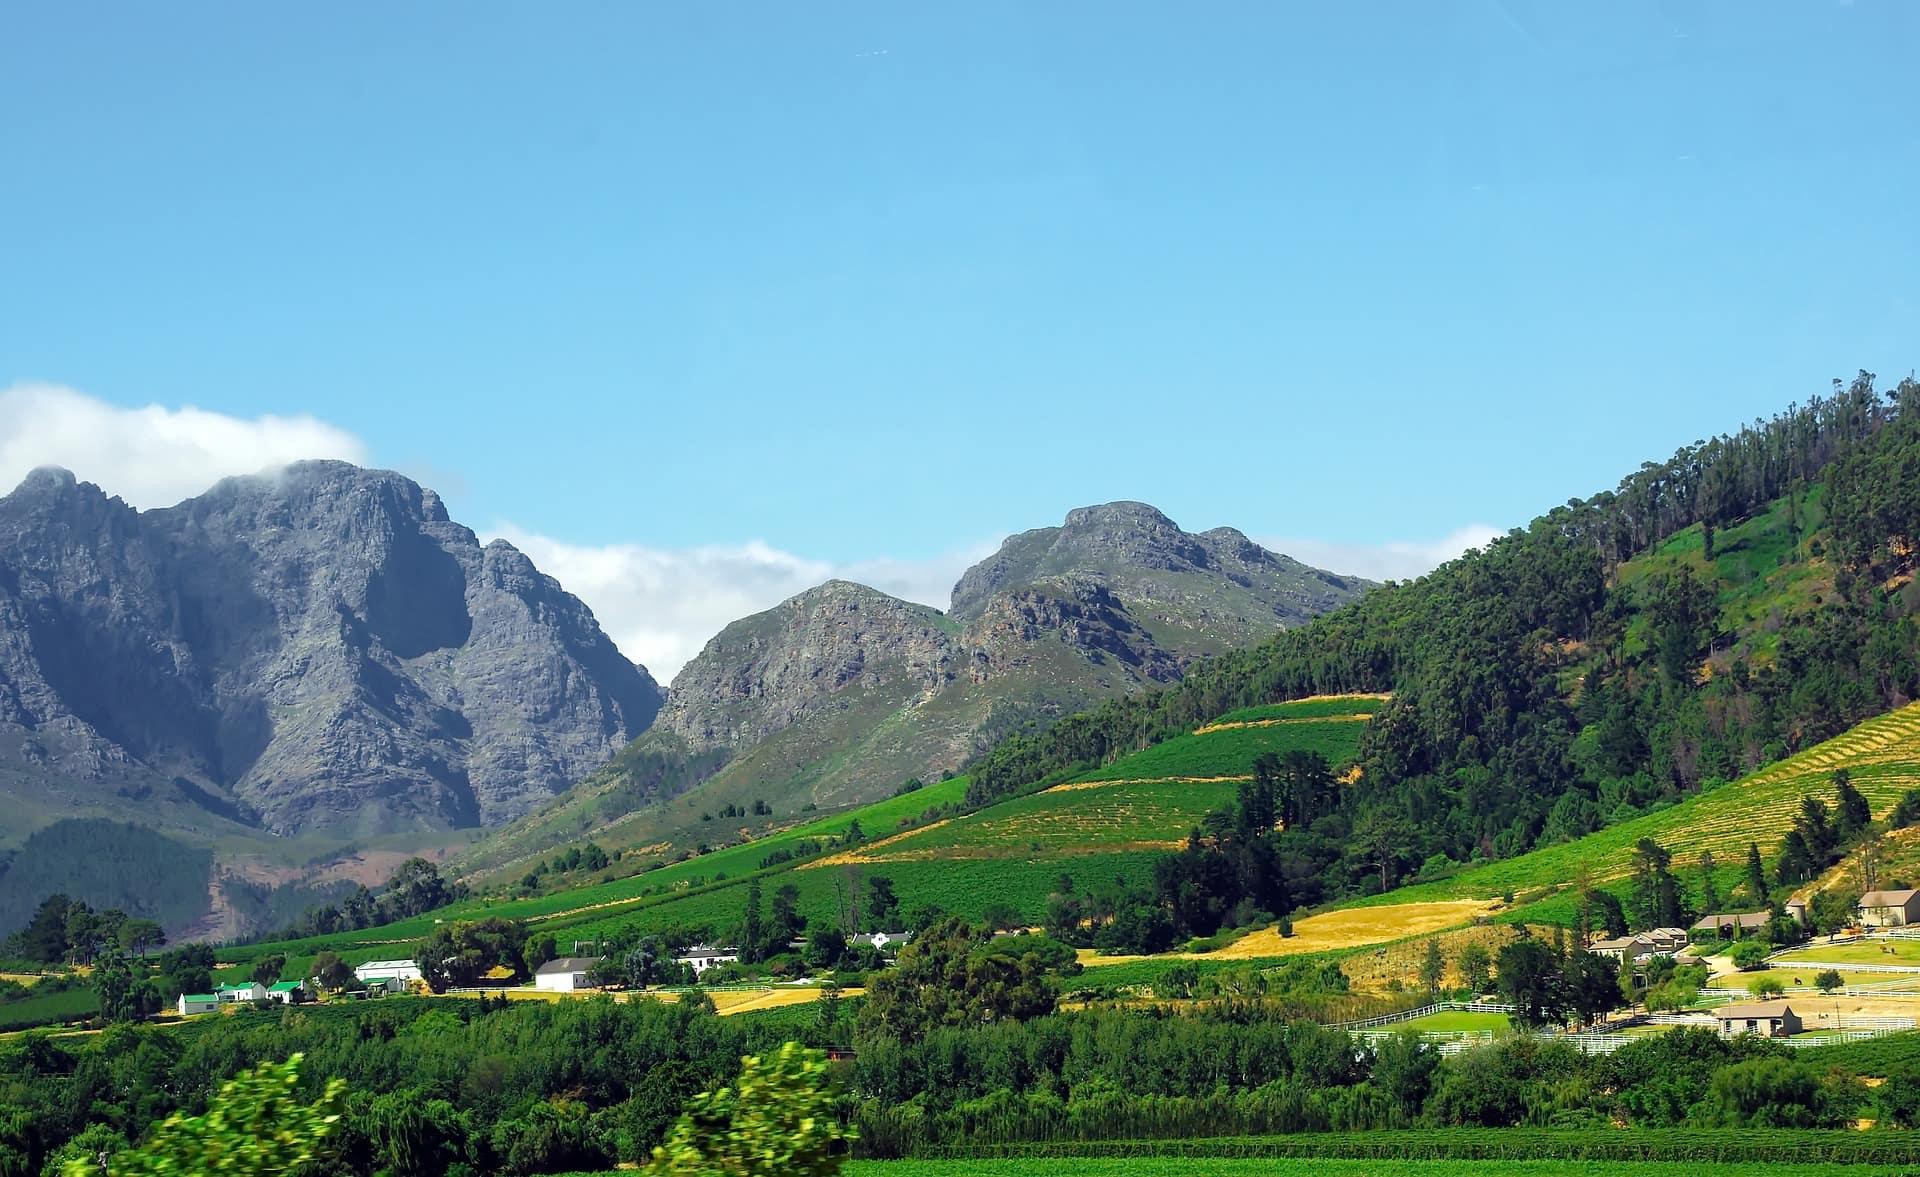 montagnes-cover-afrique-du-sud-decouverte